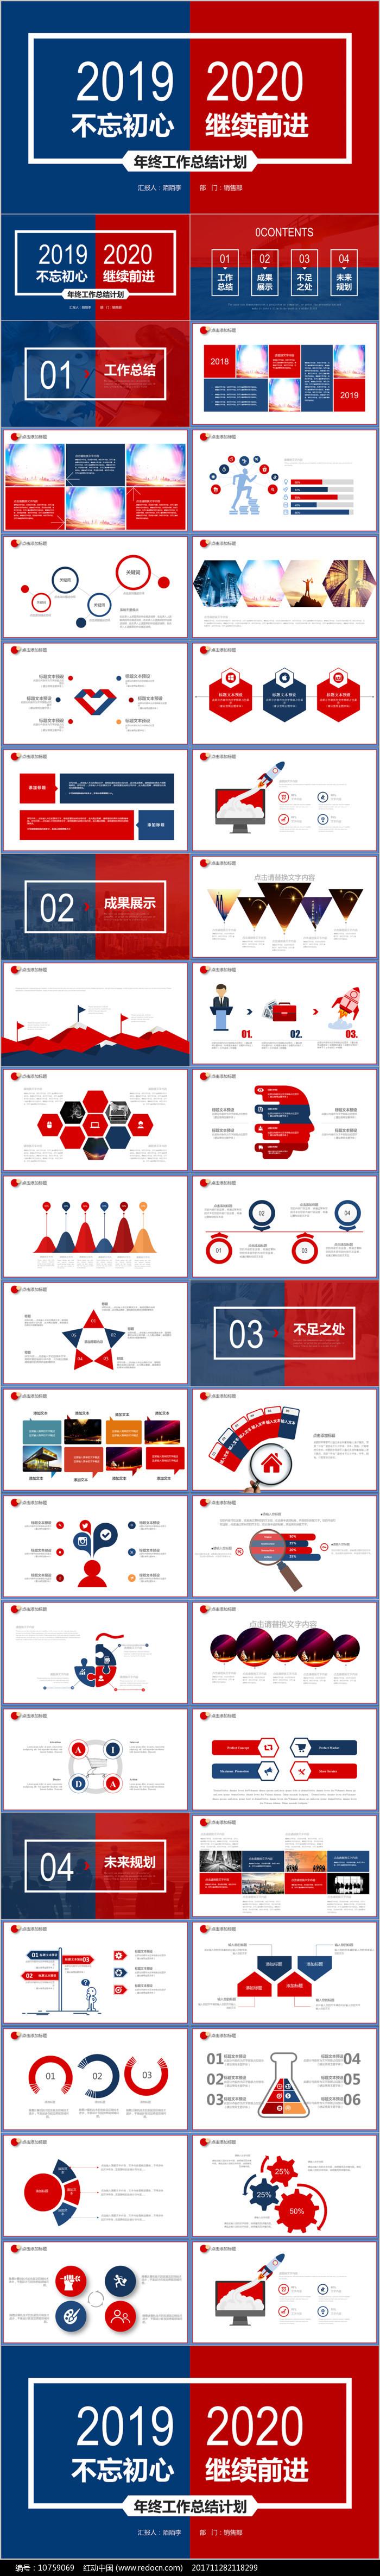 简约年终总结暨新年计划PPT模板图片